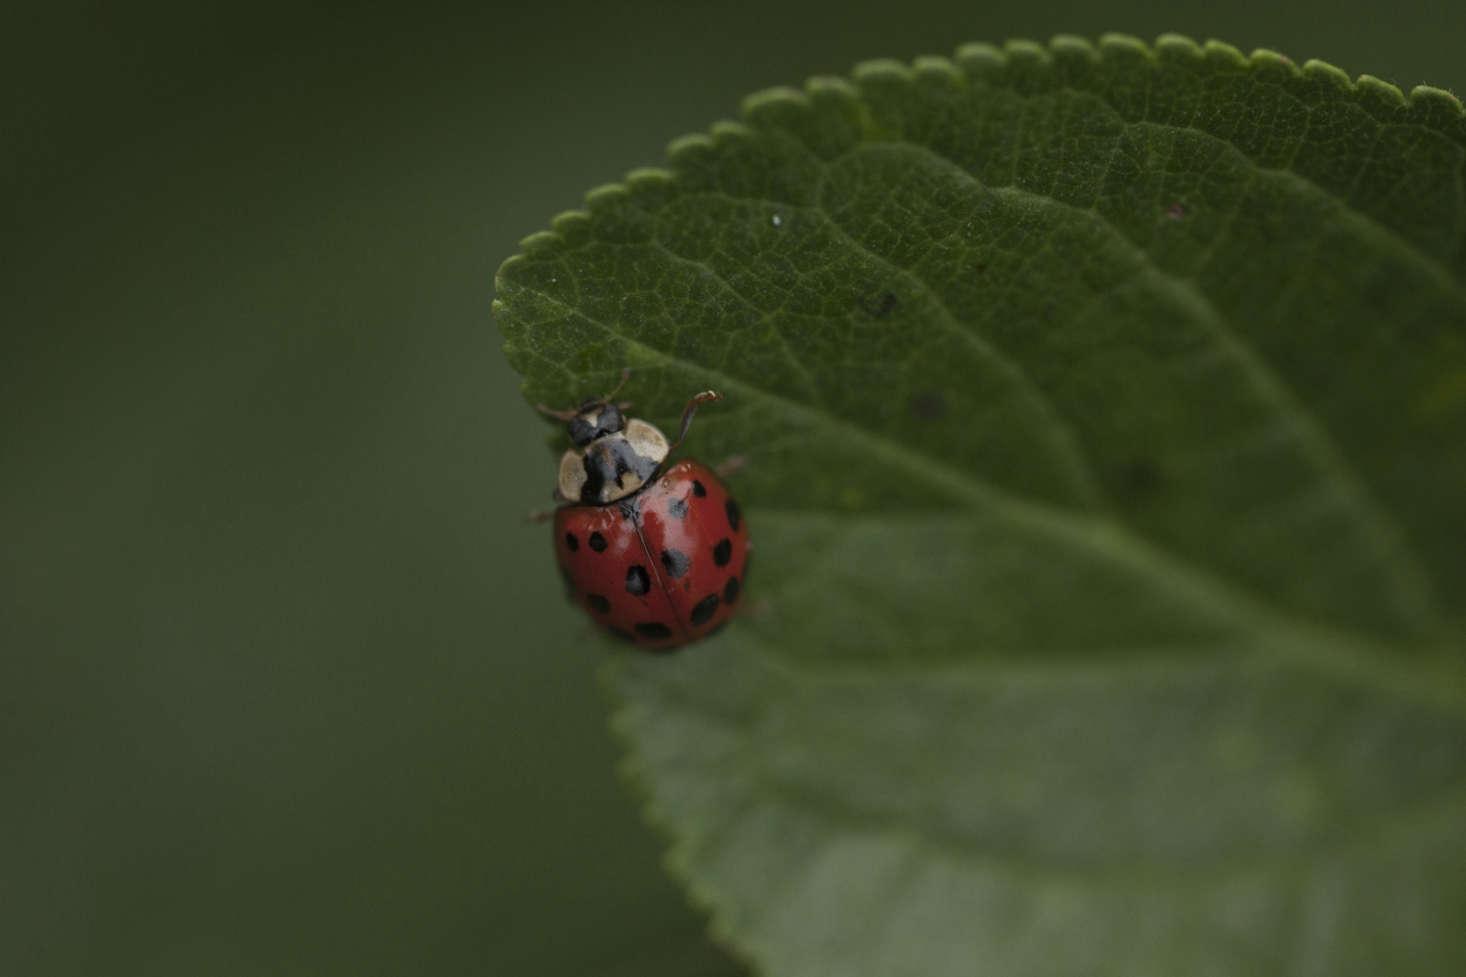 An un-endangered harlequin ladybird beetle.